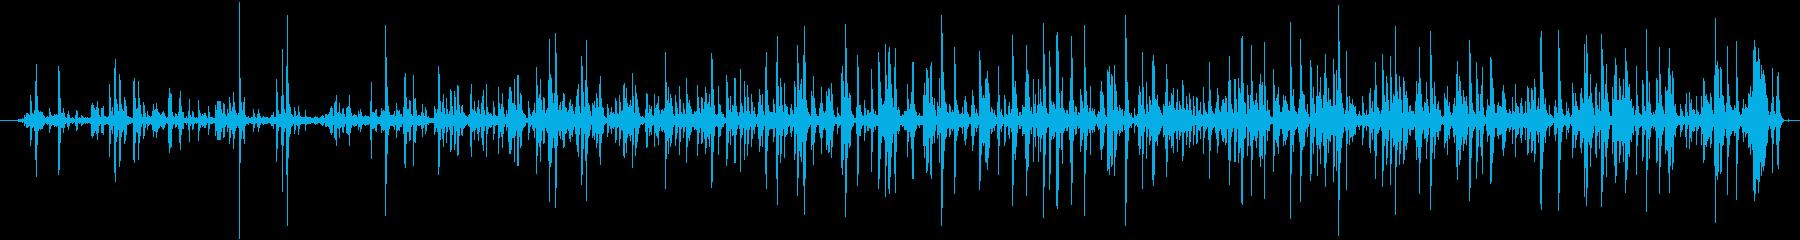 ルースメタルホイールクランク:ター...の再生済みの波形